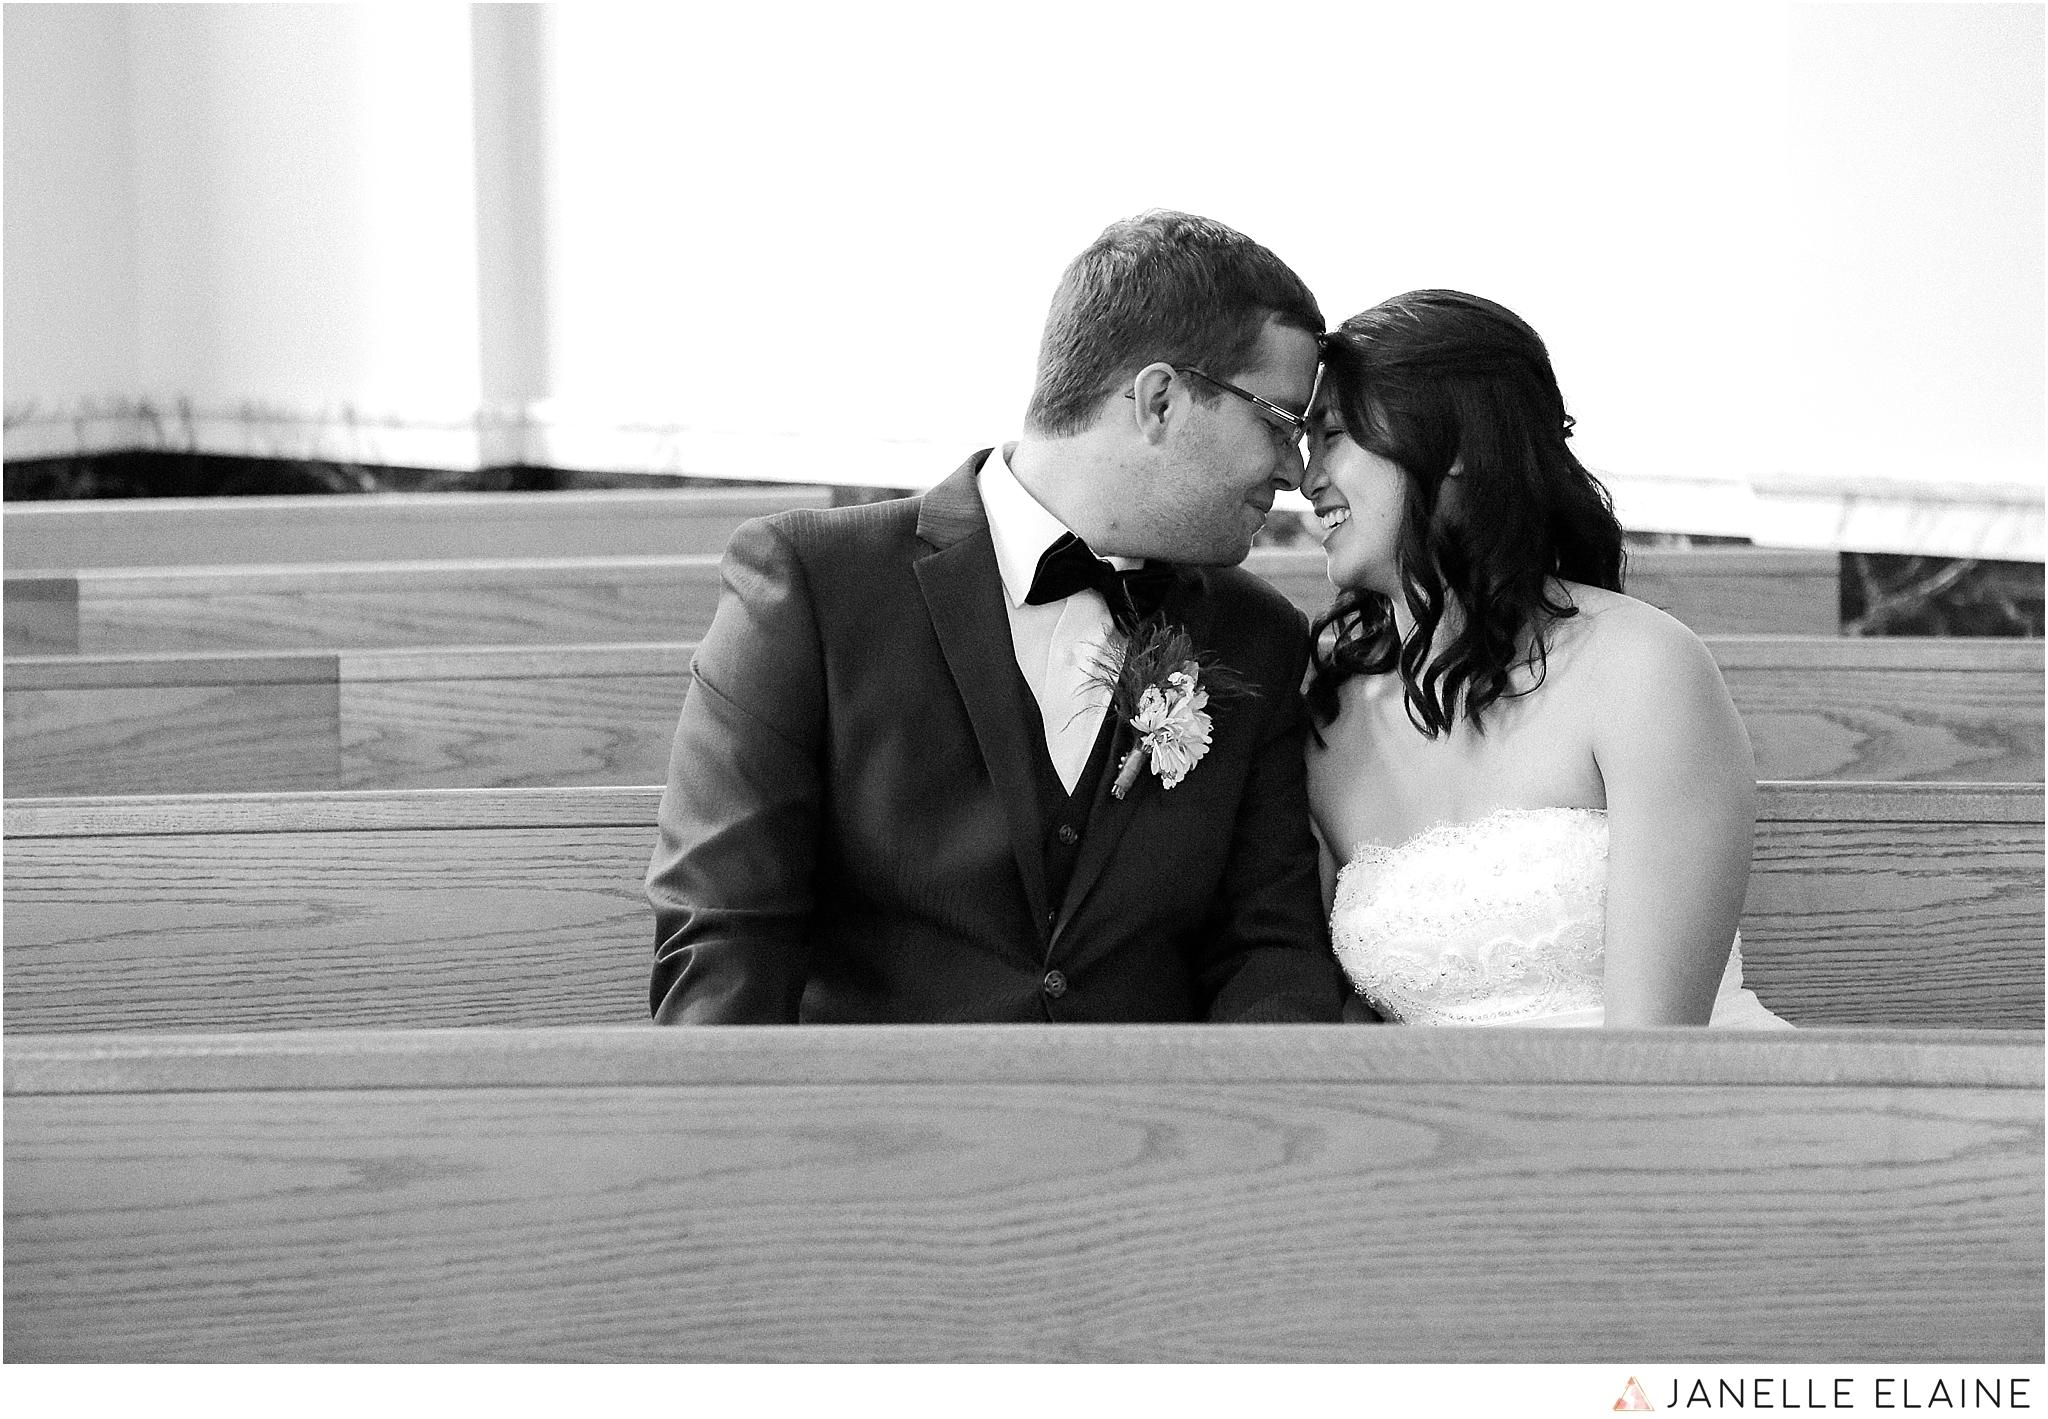 janelle elaine photography-professional wedding photographer seattle--65.jpg